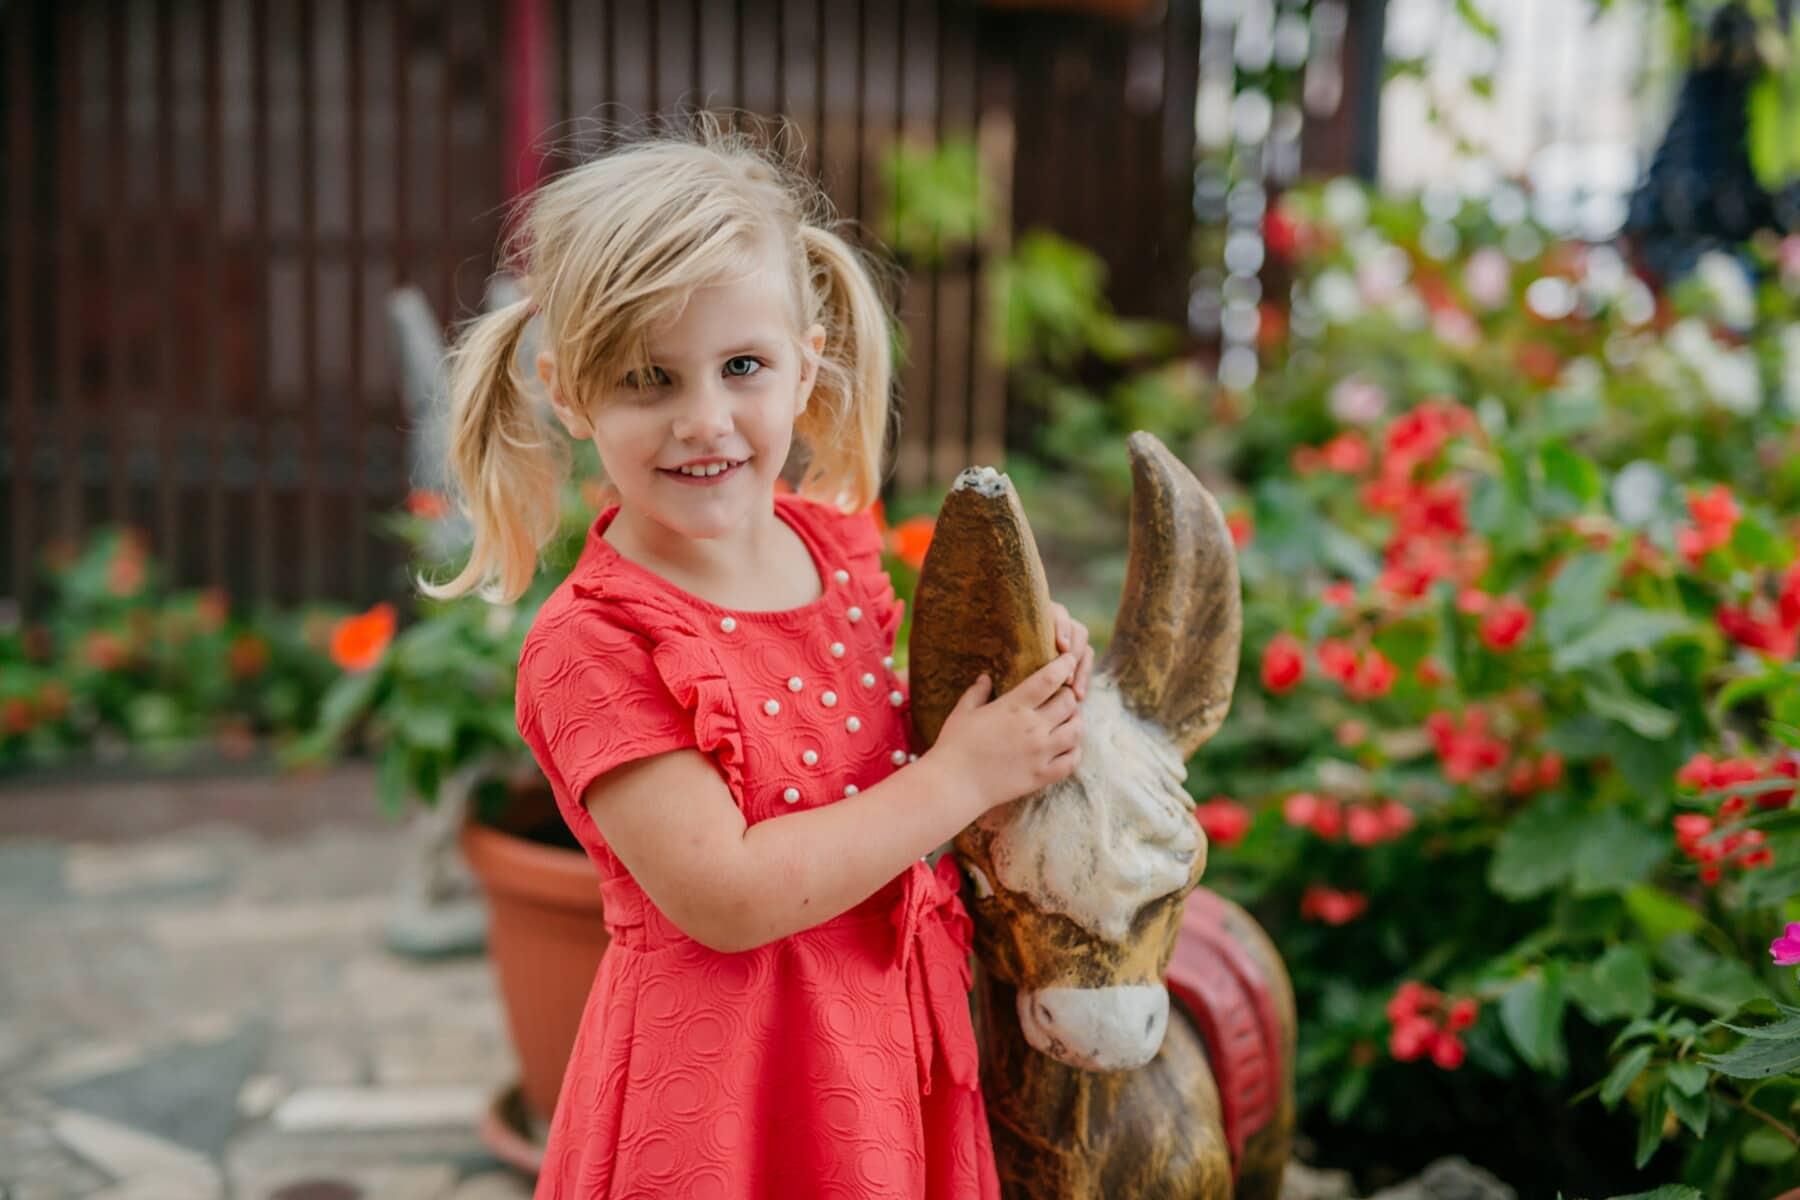 hřiště, hravý, Blondýna, dítě, hezké děvče, hračka, fajn, venku, děvče, příroda